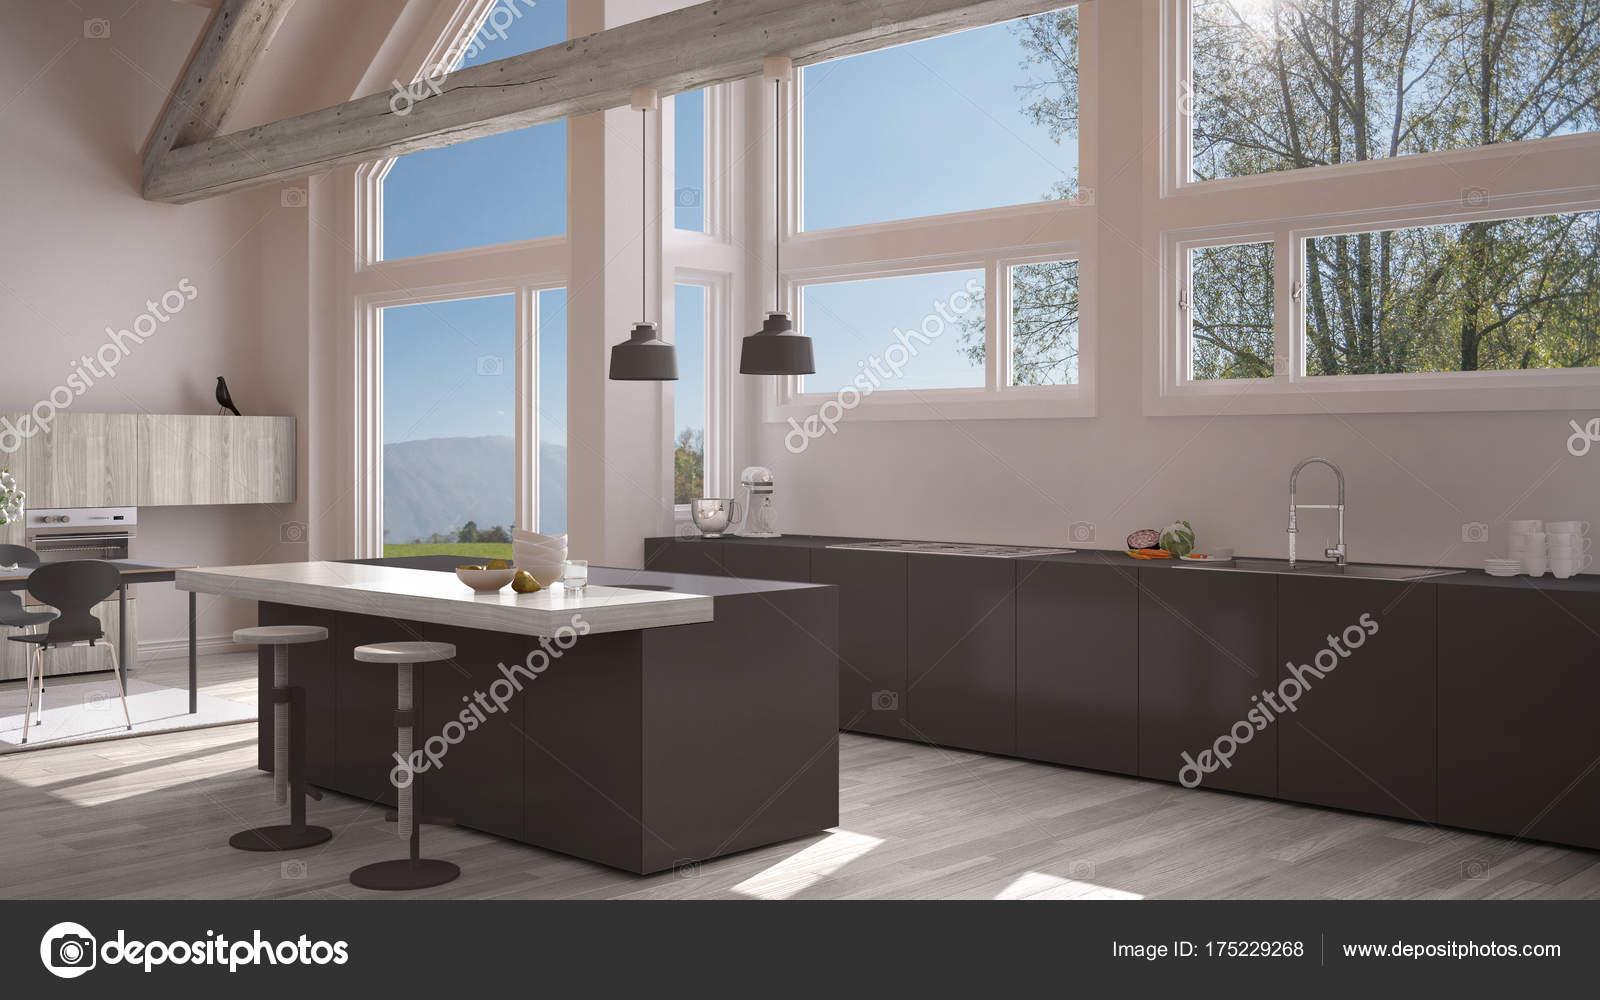 Moderne Küche in klassischer Villa, Dachboden, große